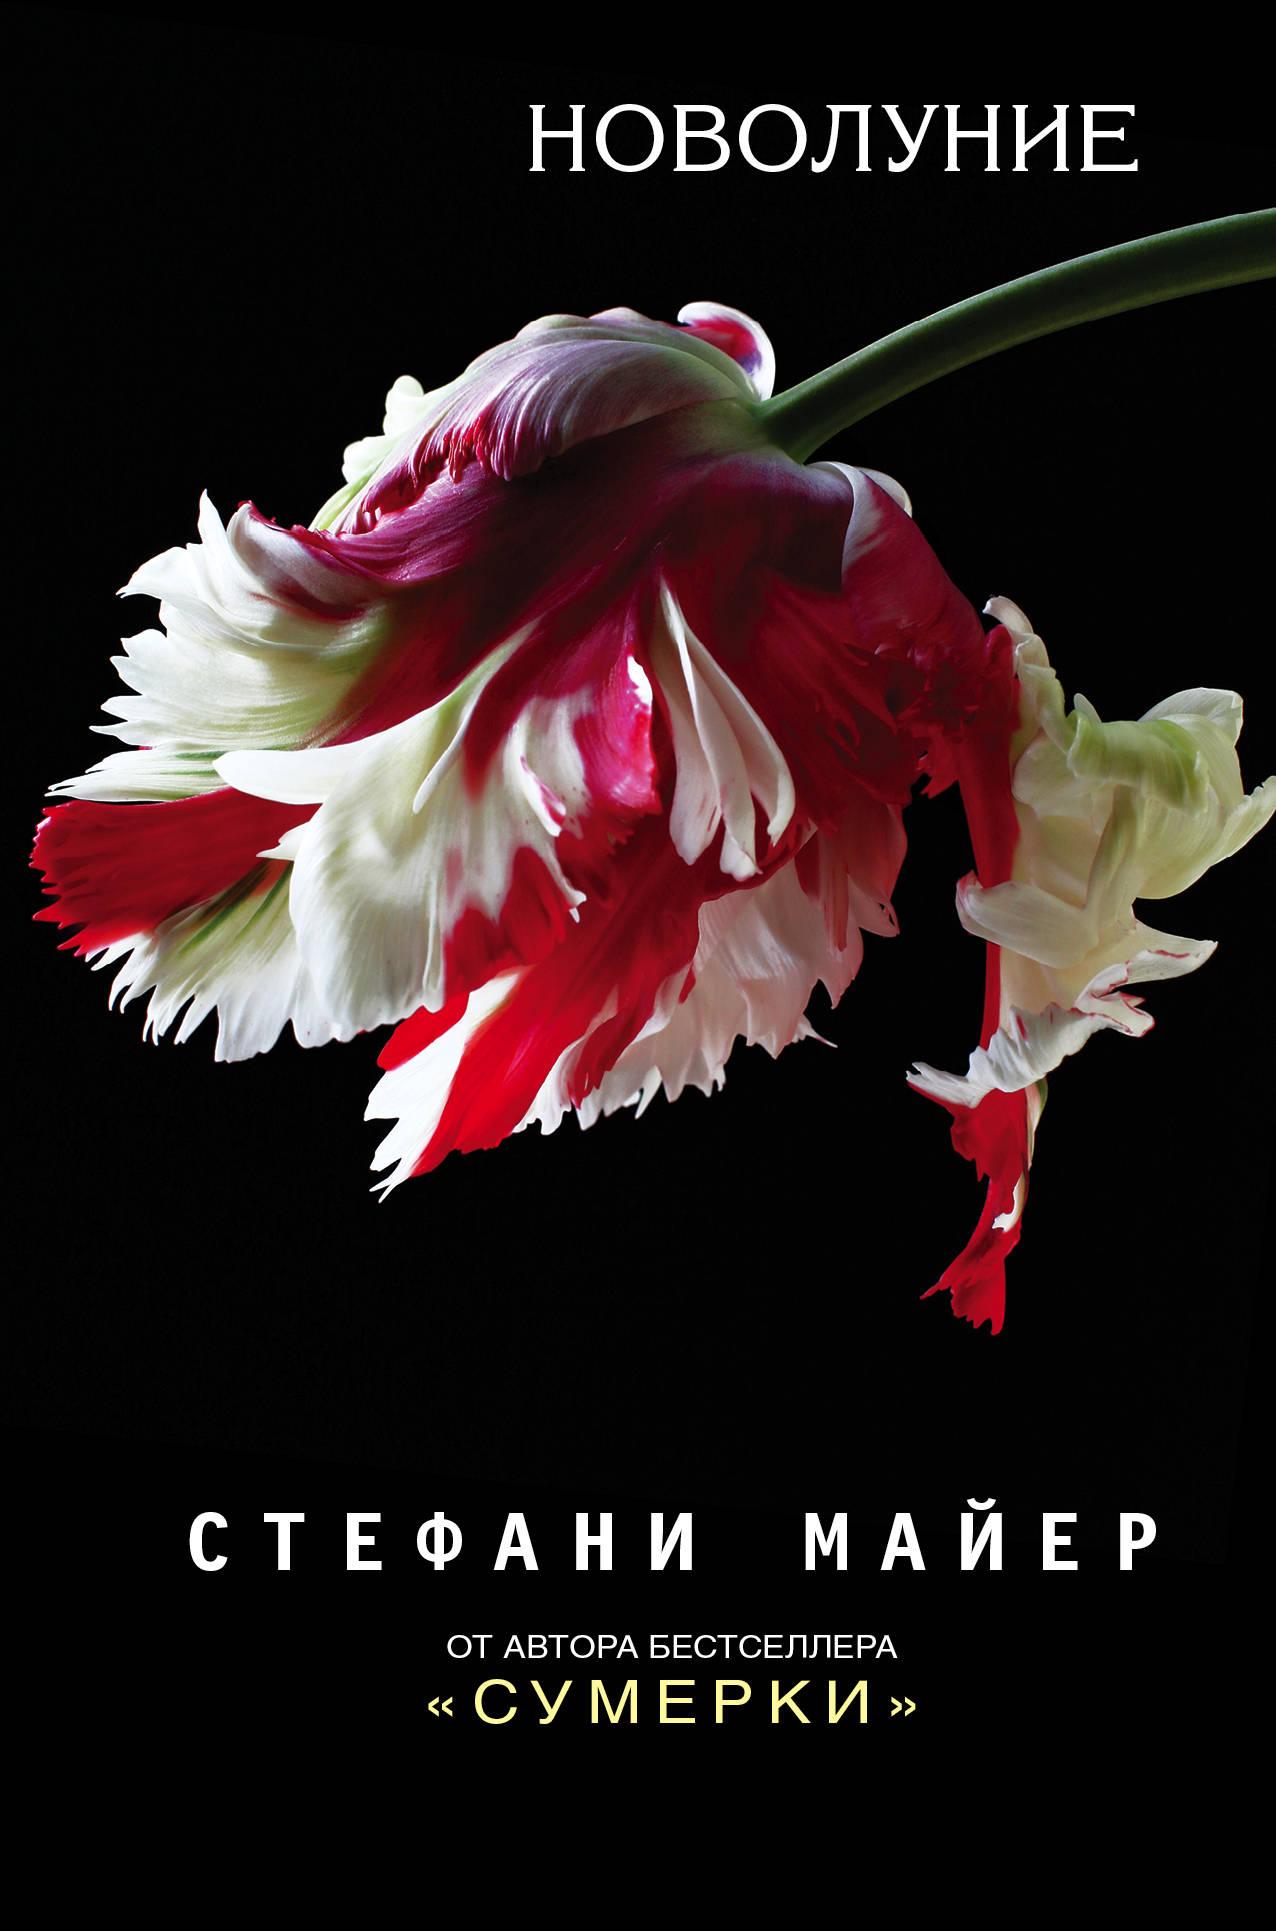 Стефани Майер Новолуние